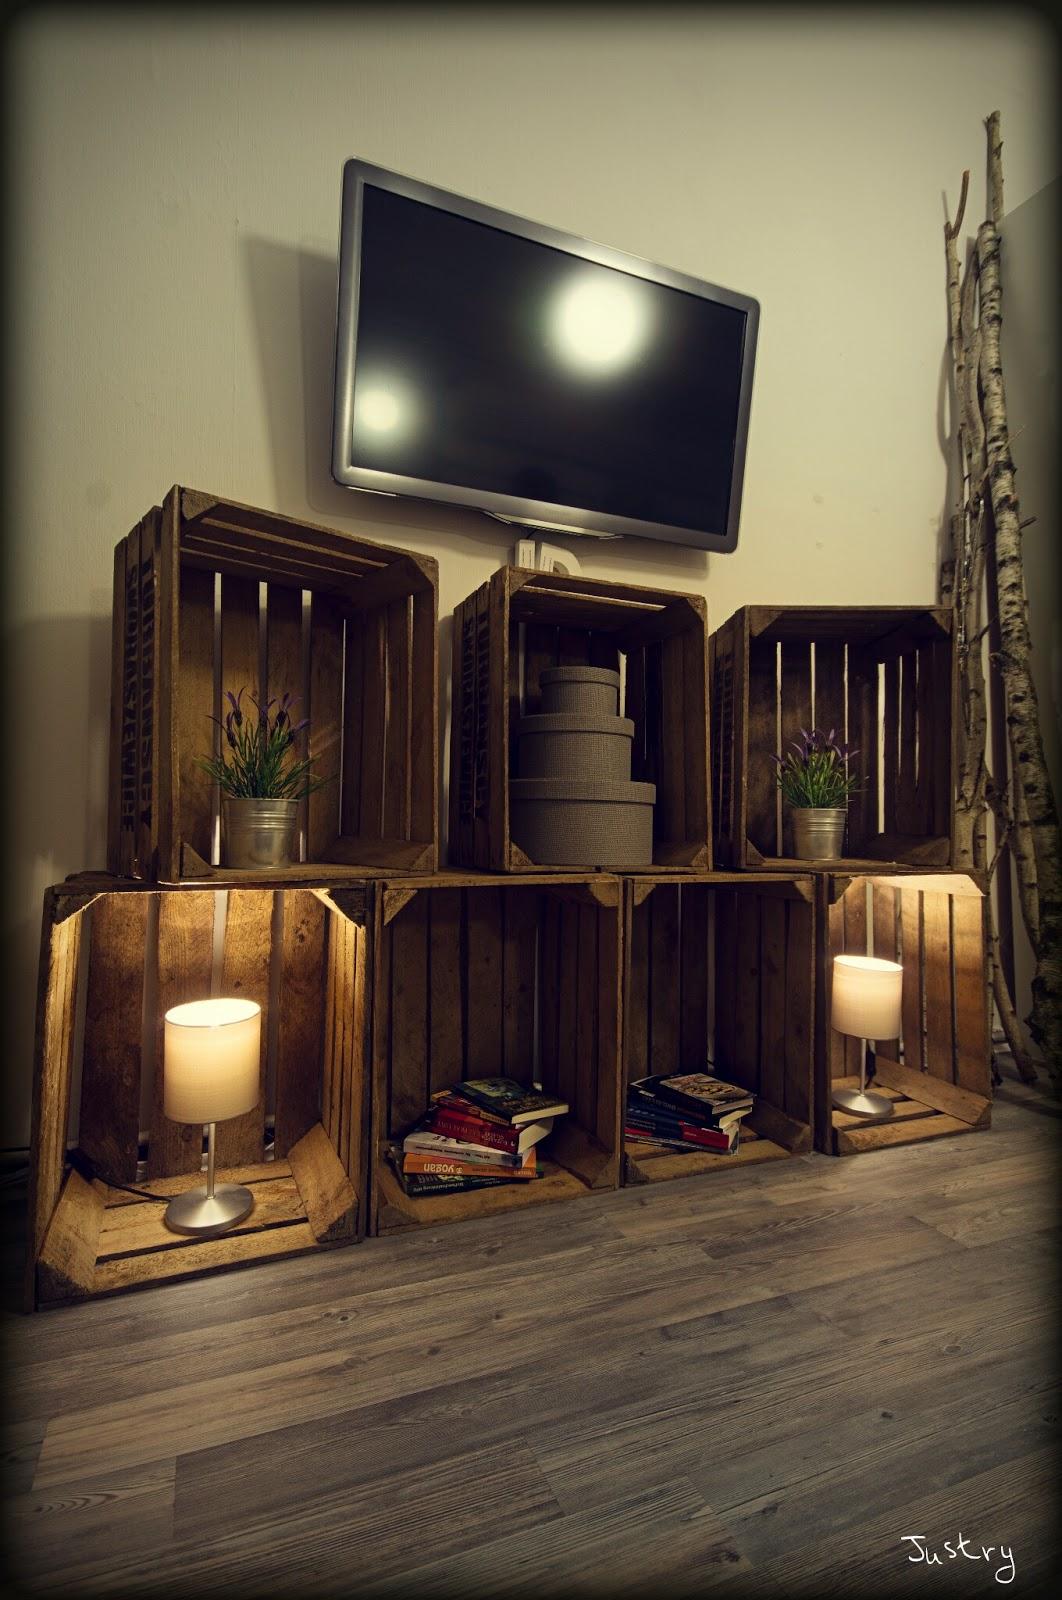 justry produkttests. Black Bedroom Furniture Sets. Home Design Ideas